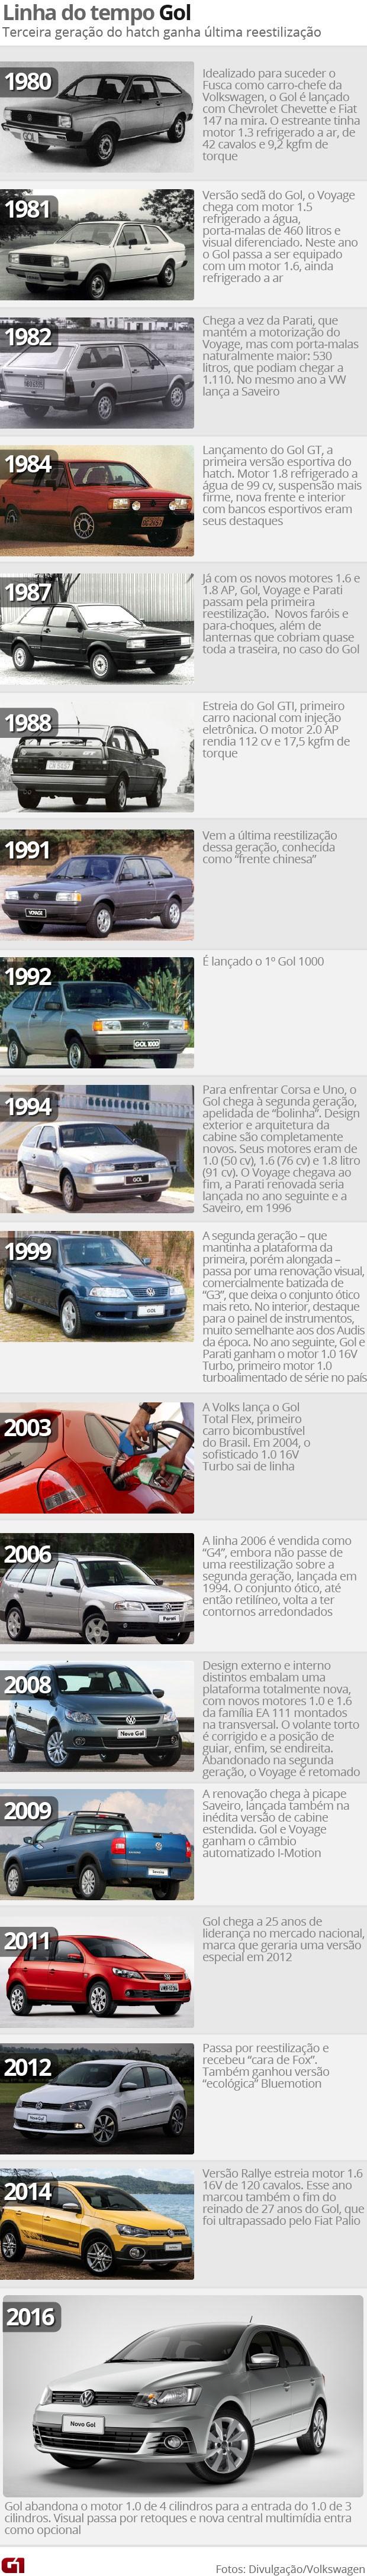 História Volkswagen Gol